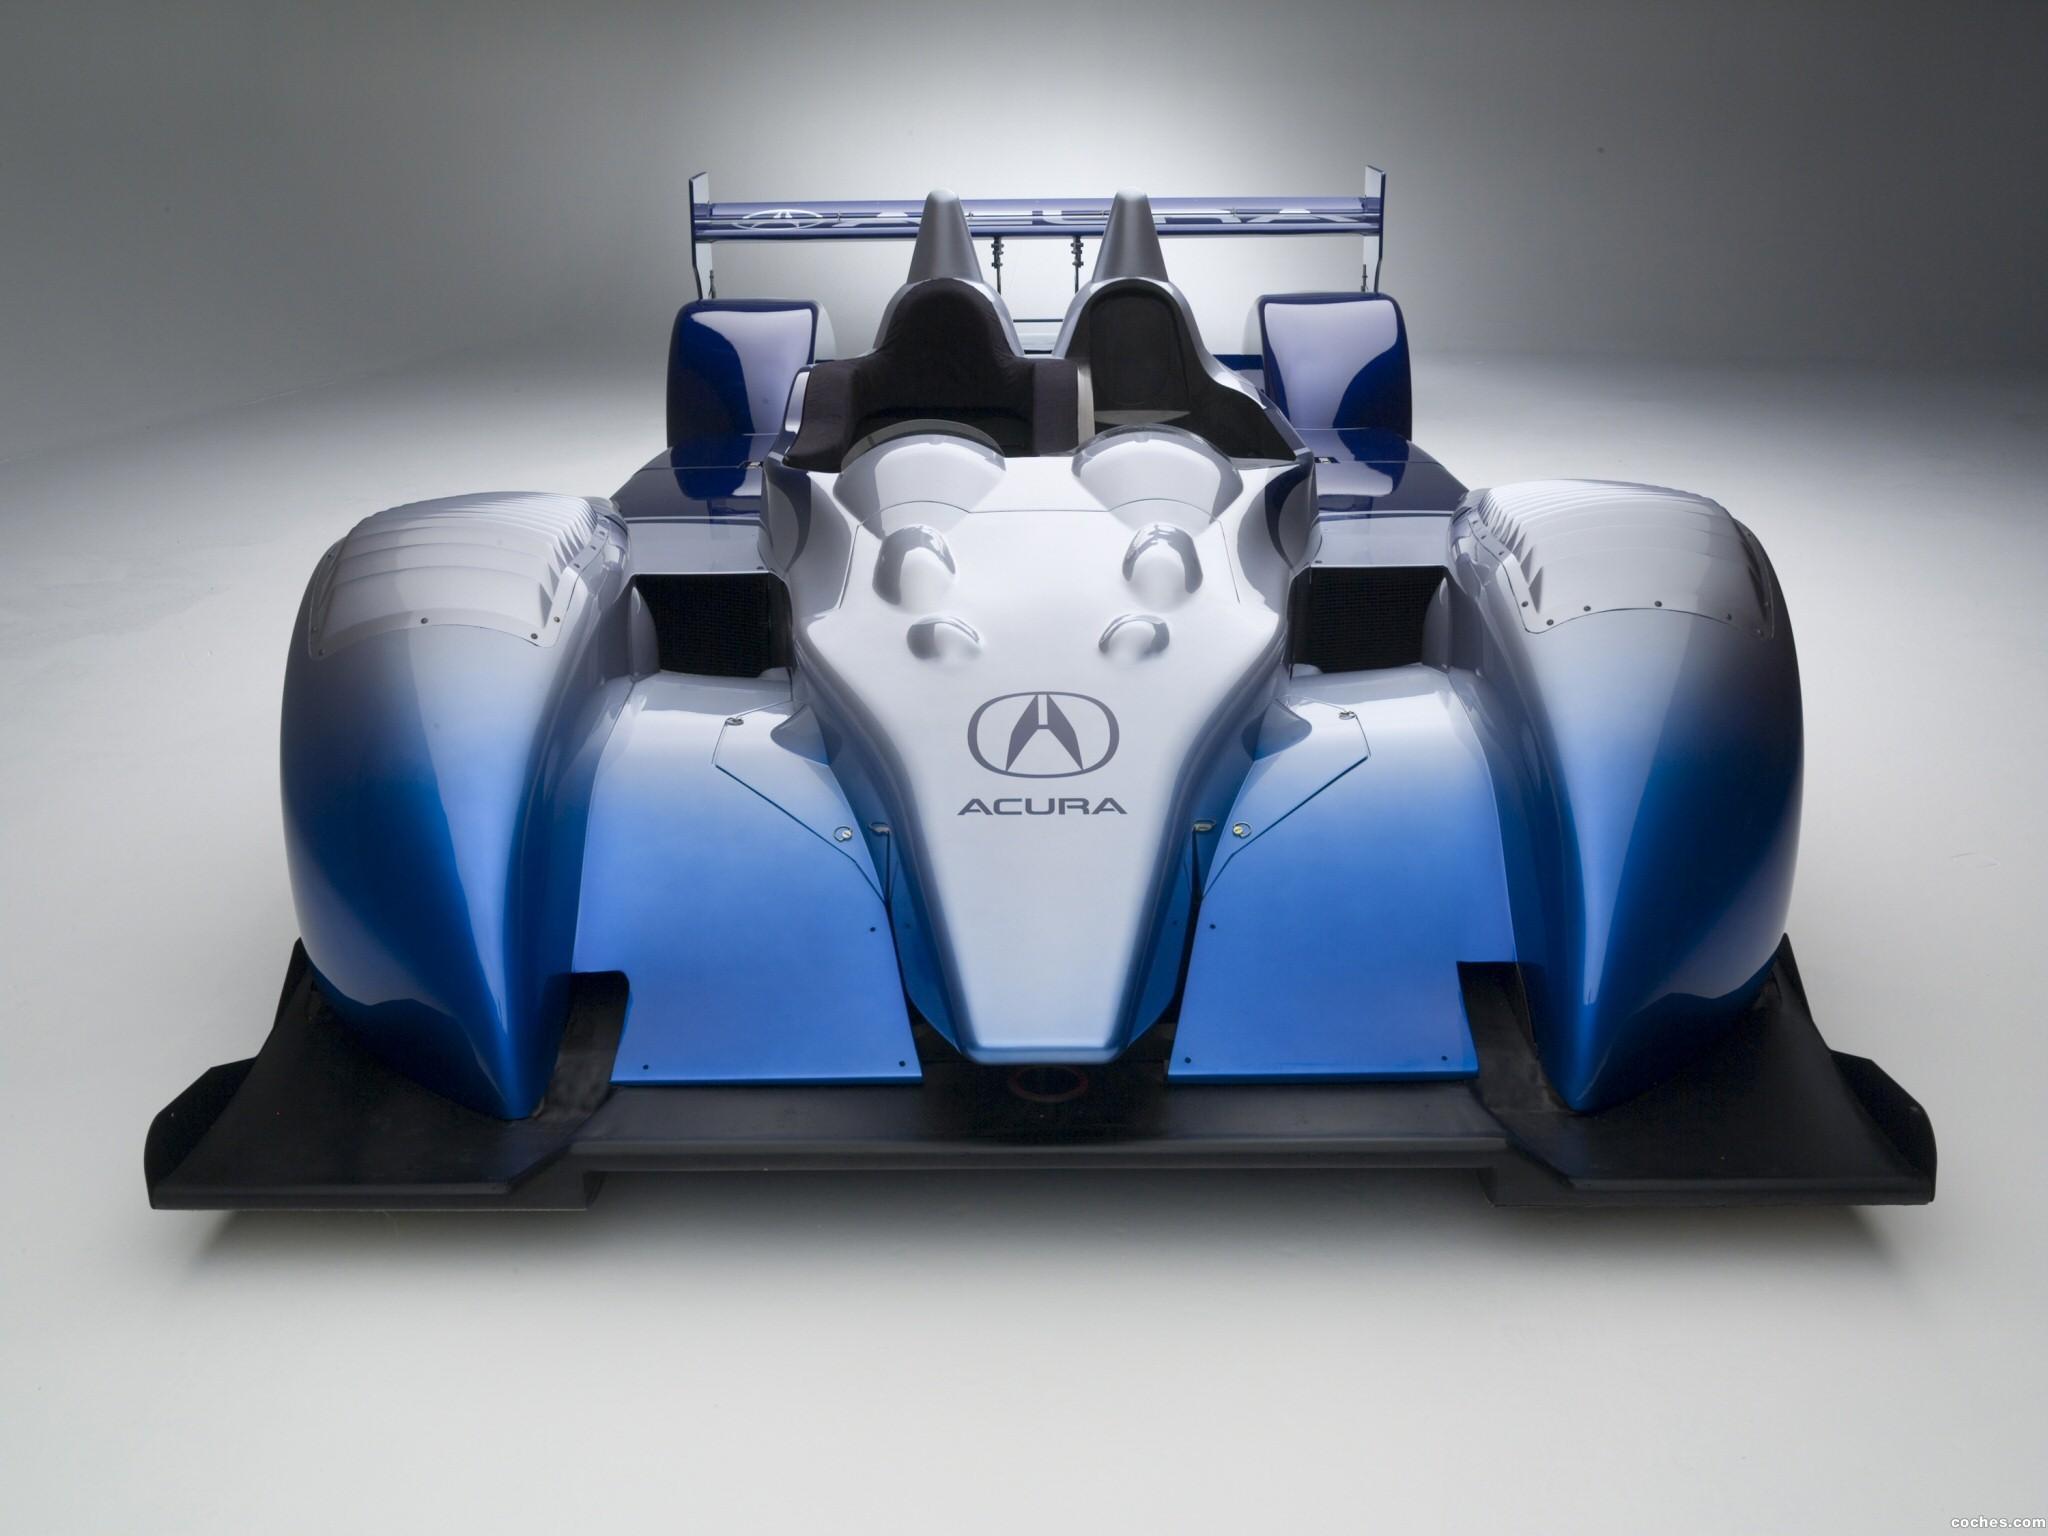 Foto 0 de Acura ALMS Race Car Concept 2006